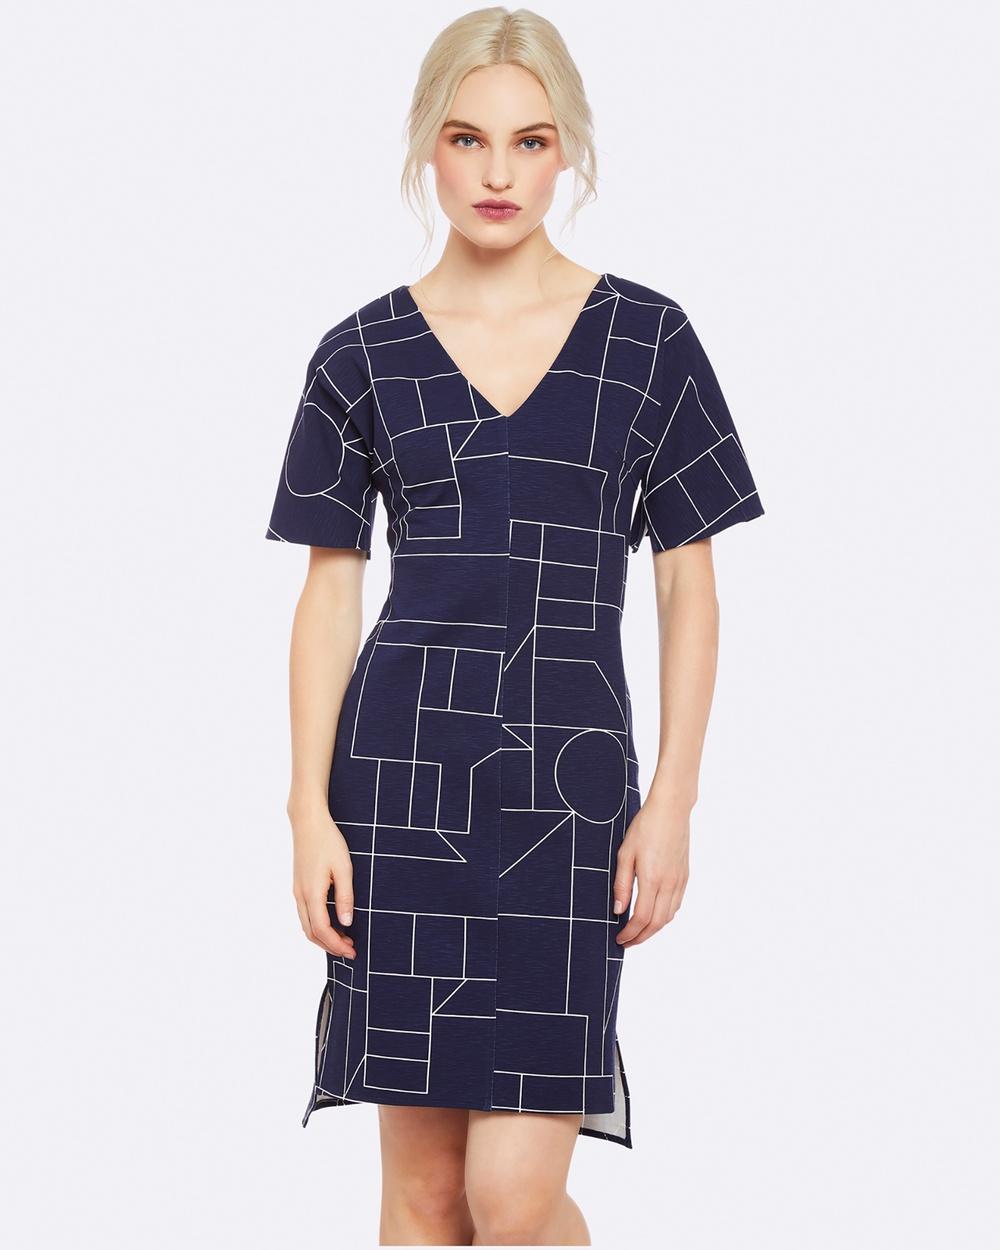 Oxford SCOTIE GEO PONTI DRESS NAVY WHITE Dresses Blue SCOTIE GEO PONTI DRESS NAVY-WHITE